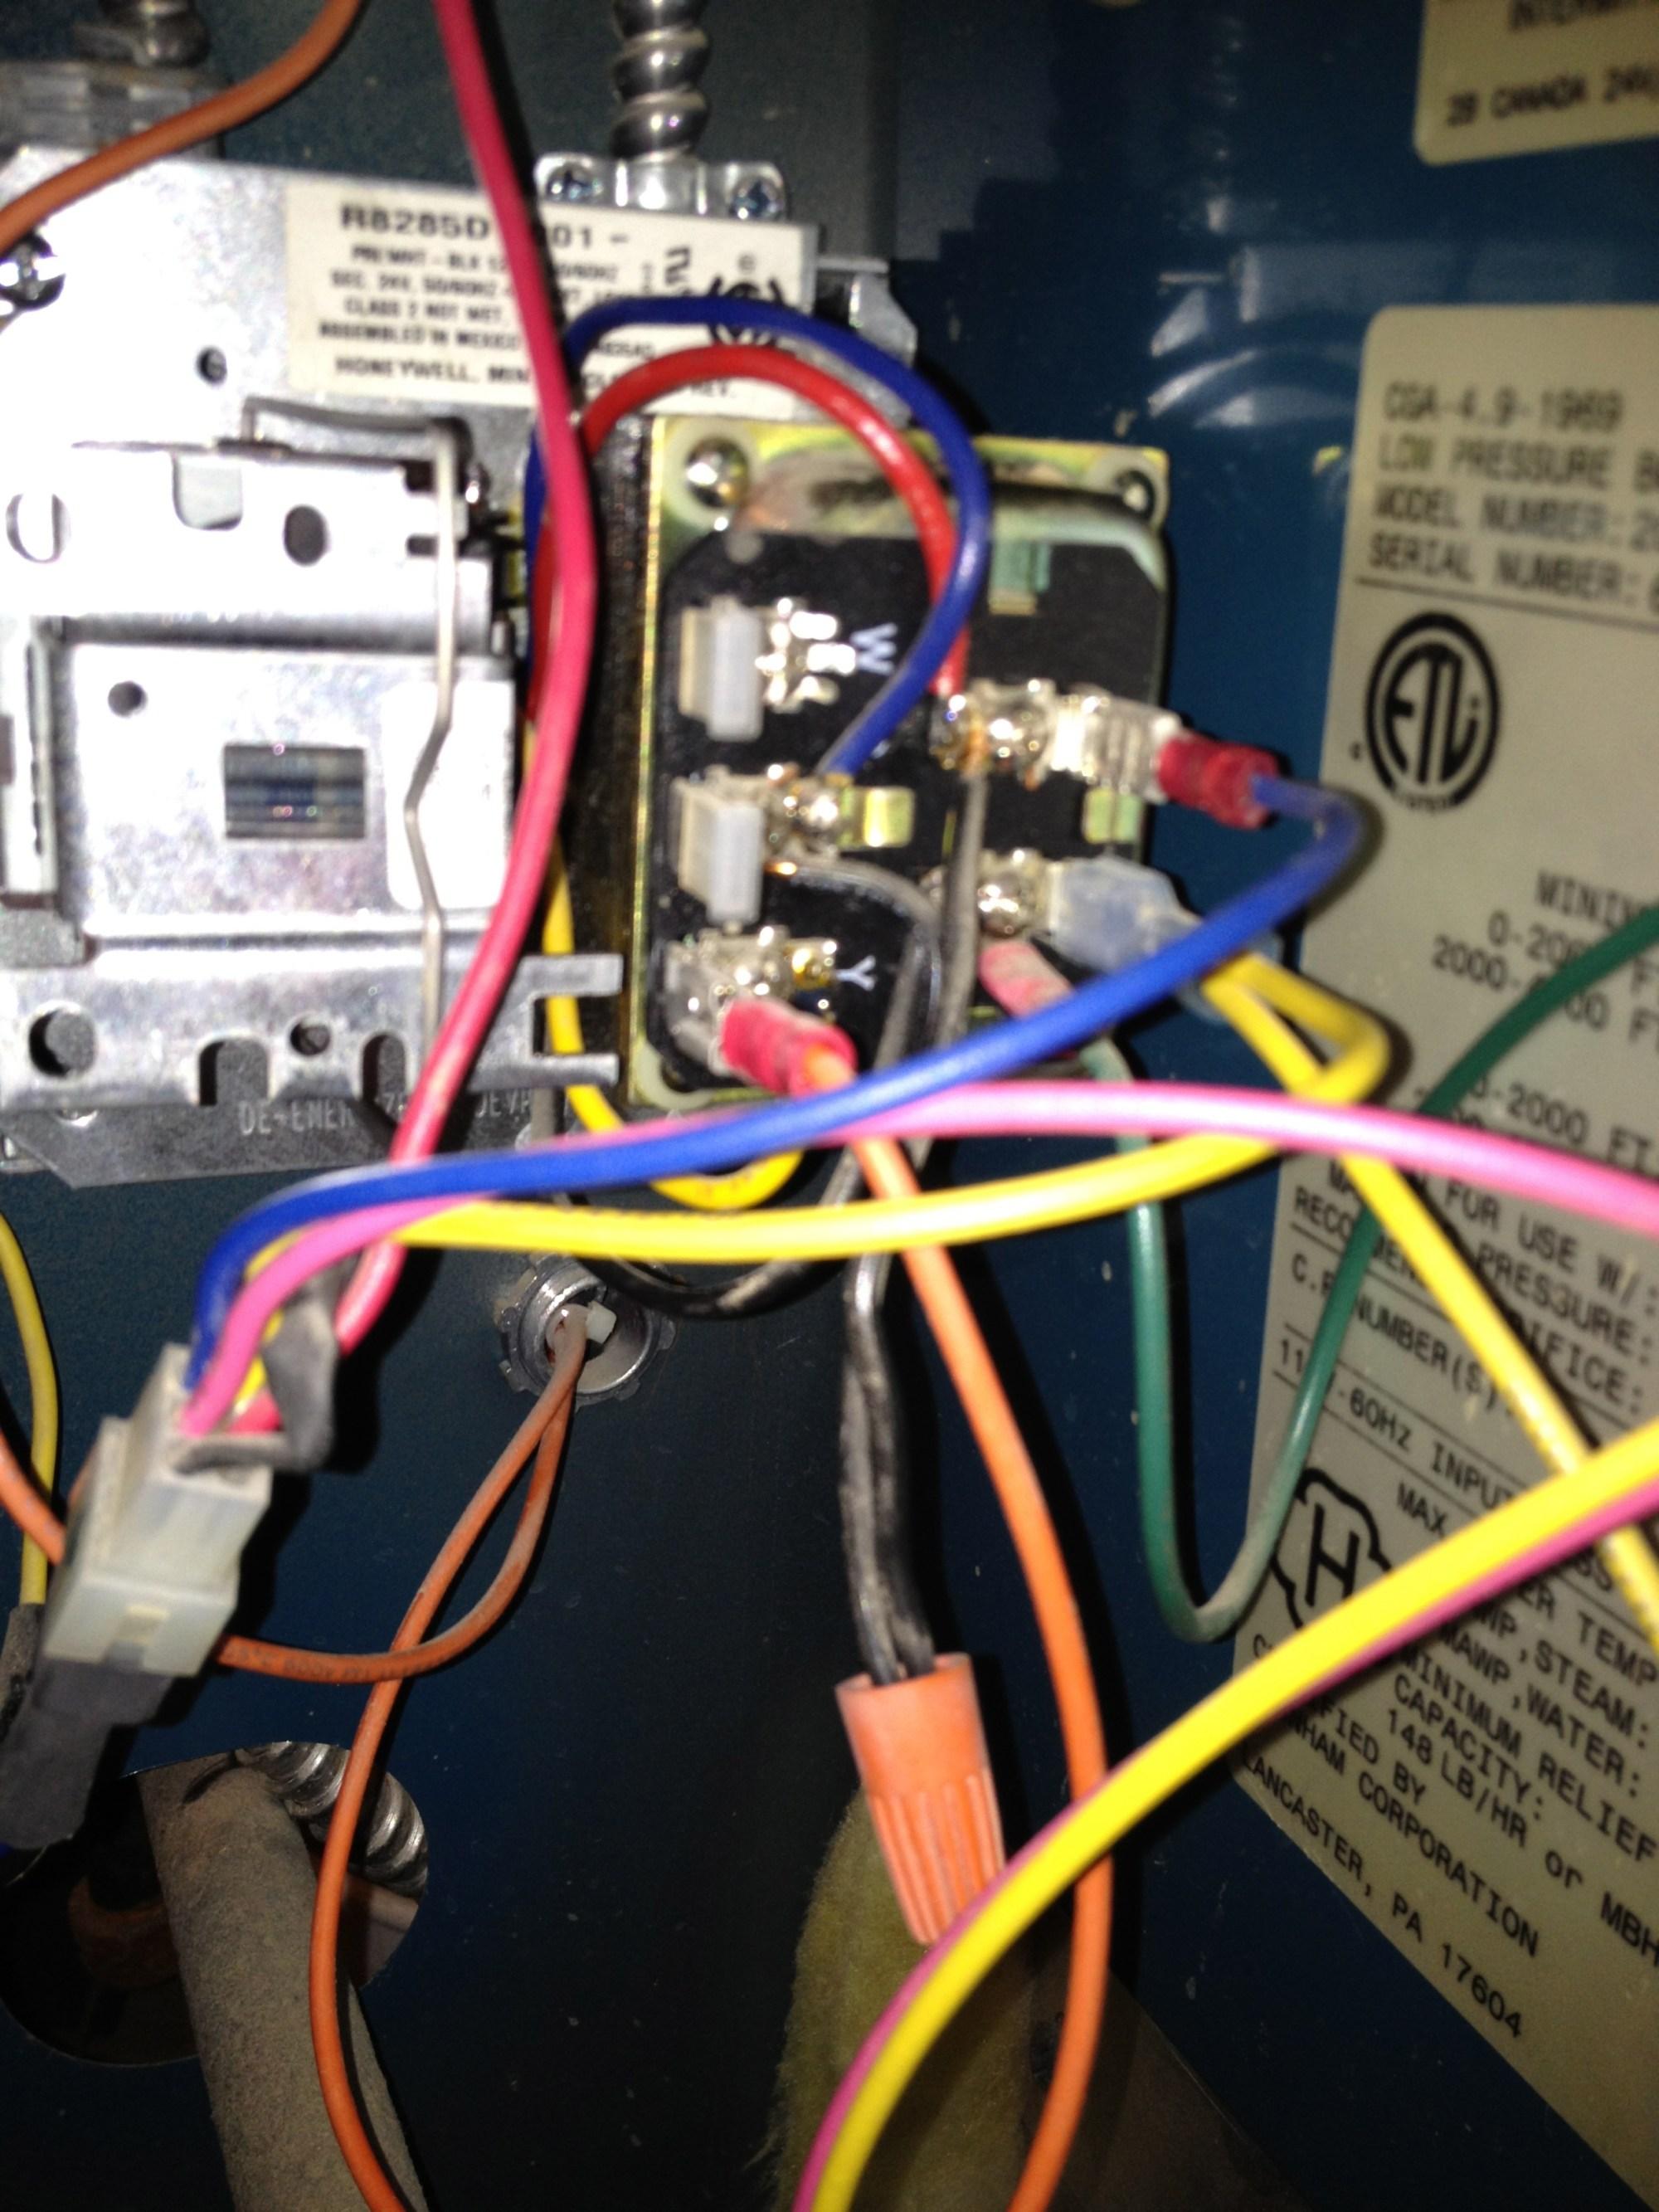 hight resolution of burnham steam boiler wiring diagram images wiring diagram wiring diagram for burnham boiler wiring diagram for